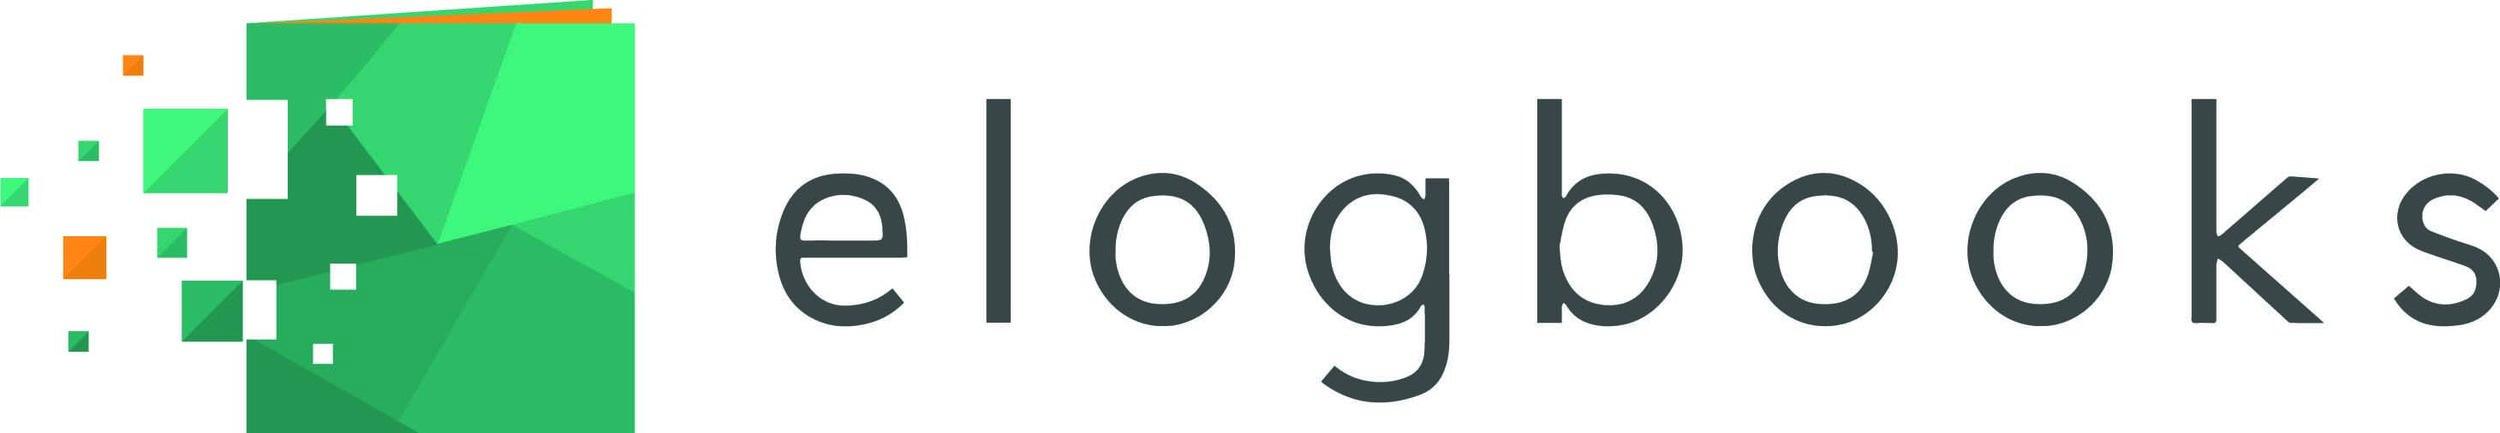 Elogbooks_logo_V2.jpg